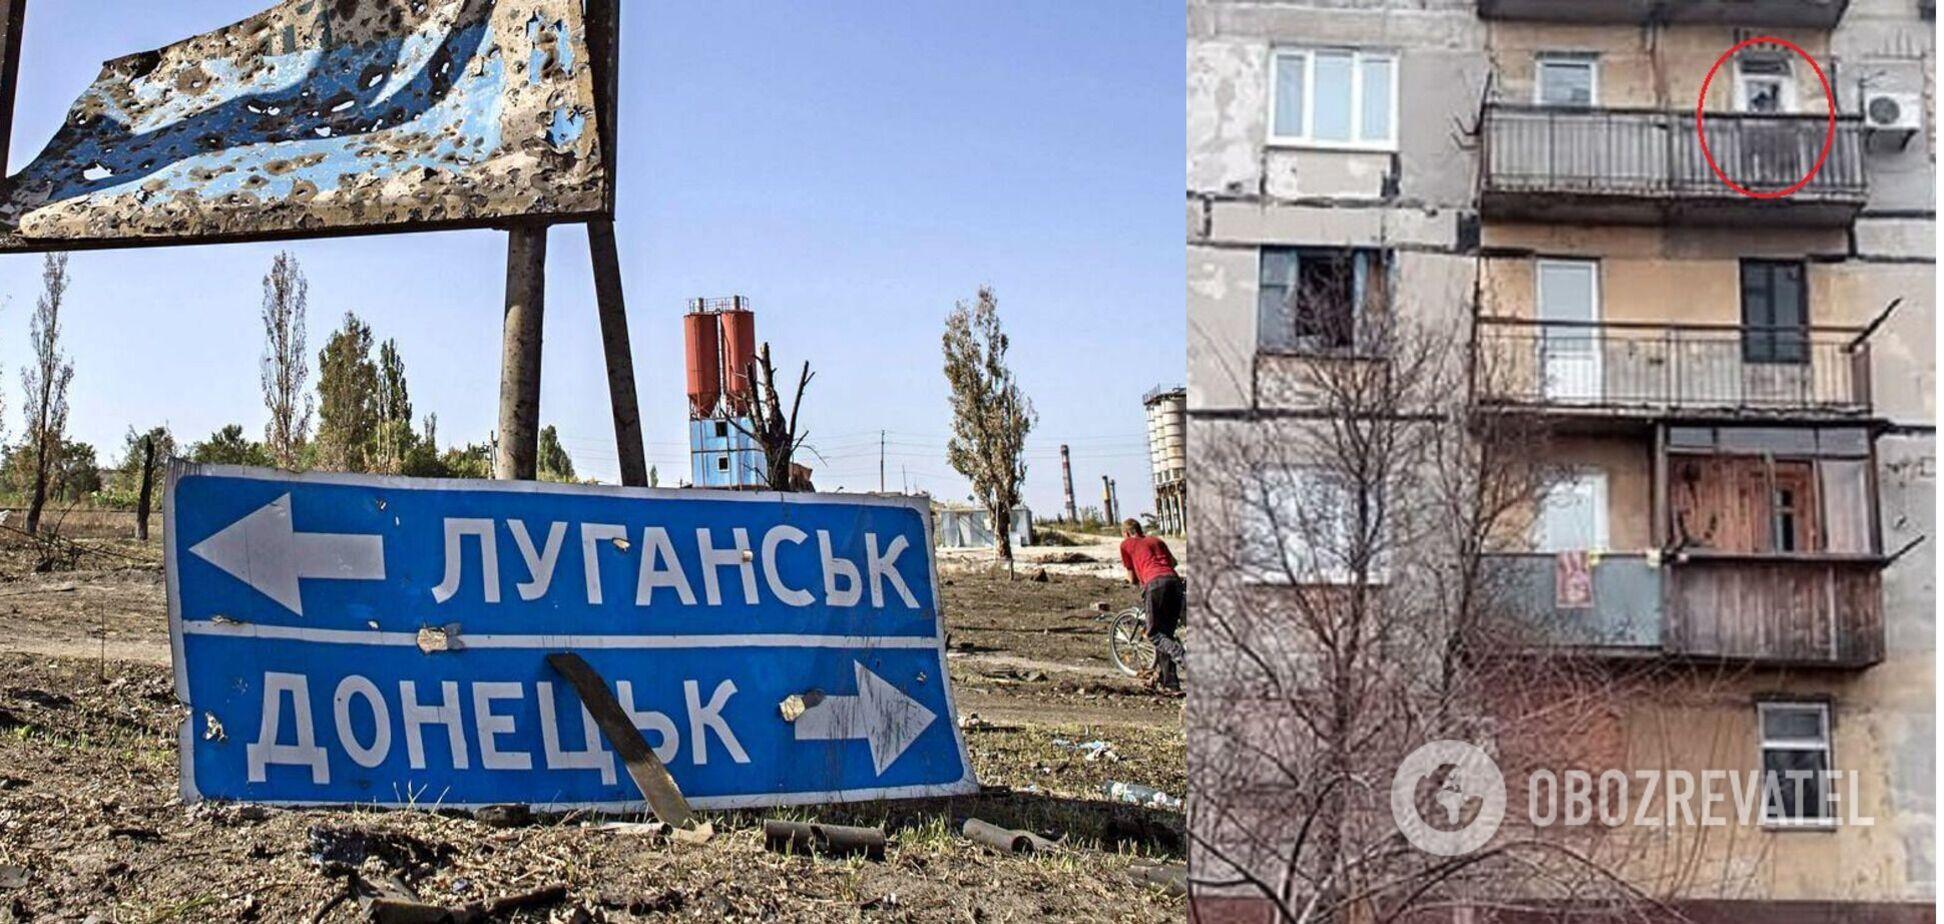 Фейки от российских пропагандистов: ВСУ 'обстреливают' пригород Донецка и 'убили' мужчину